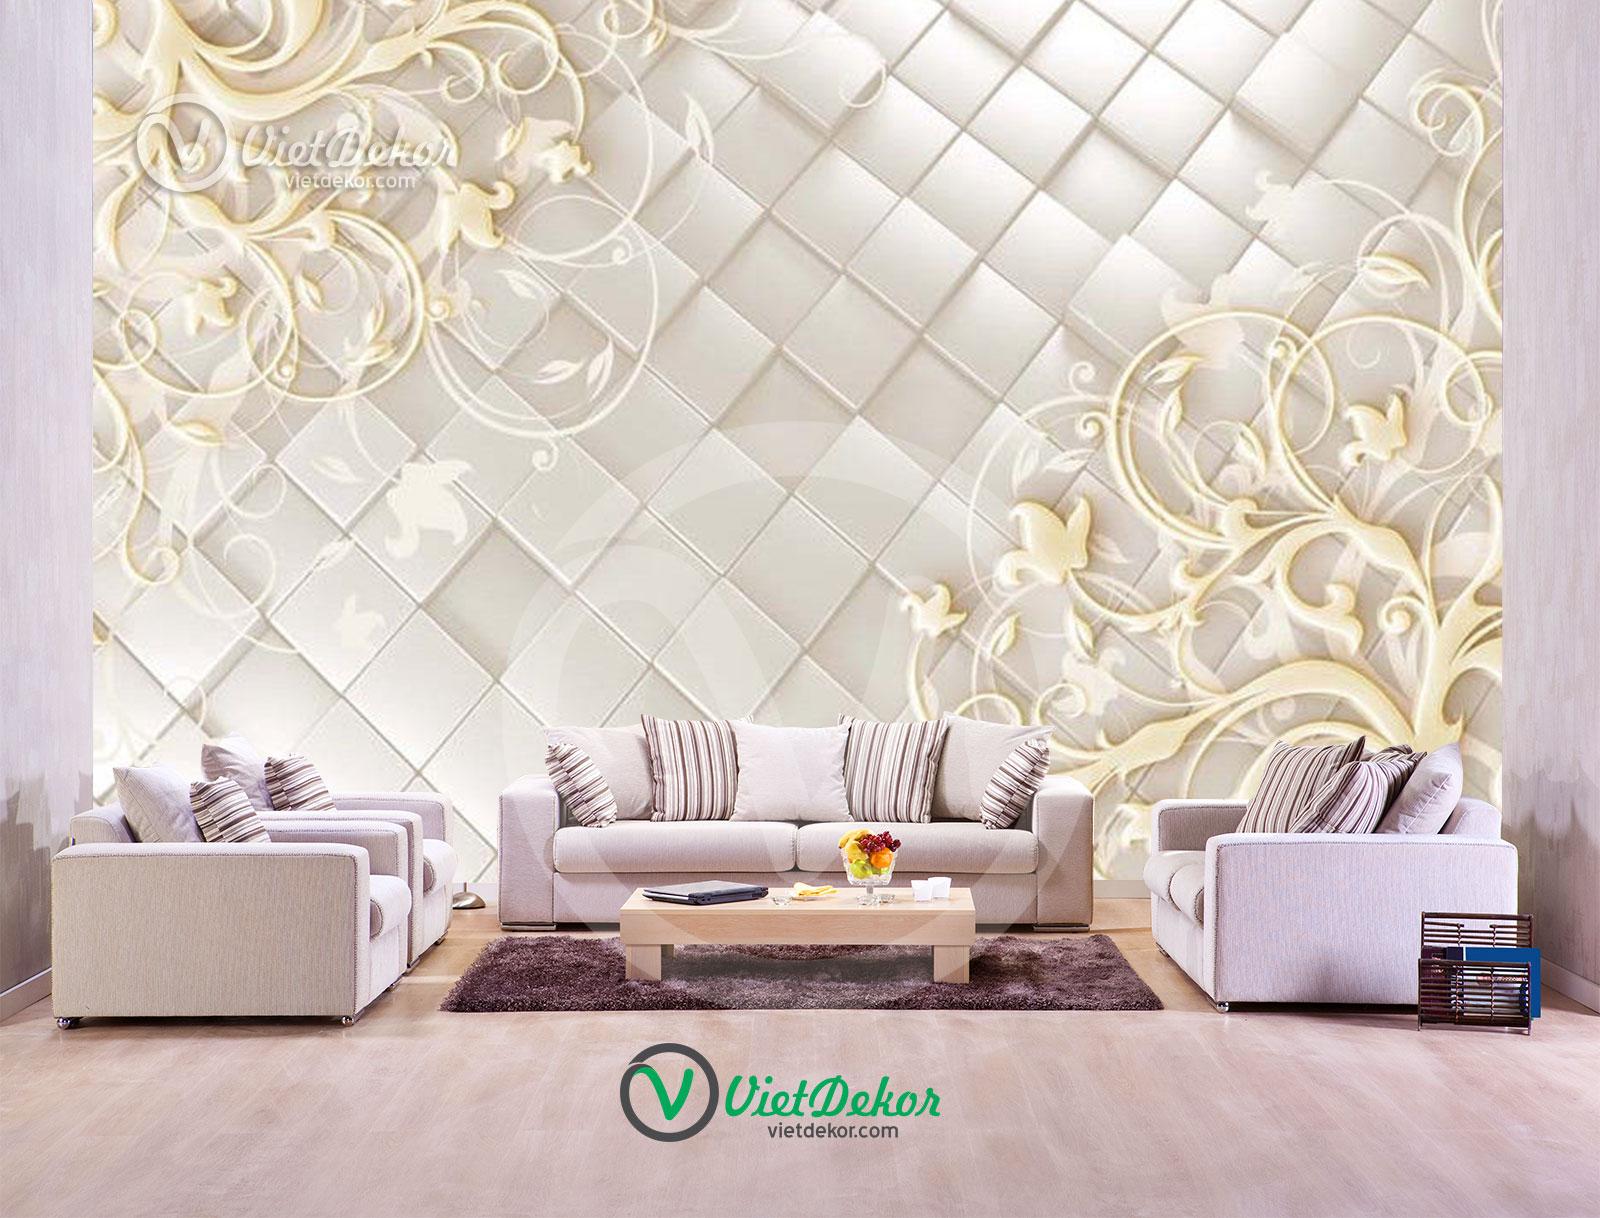 Tranh dán tường 3d hoa nền tường phòng ngủ đẹp